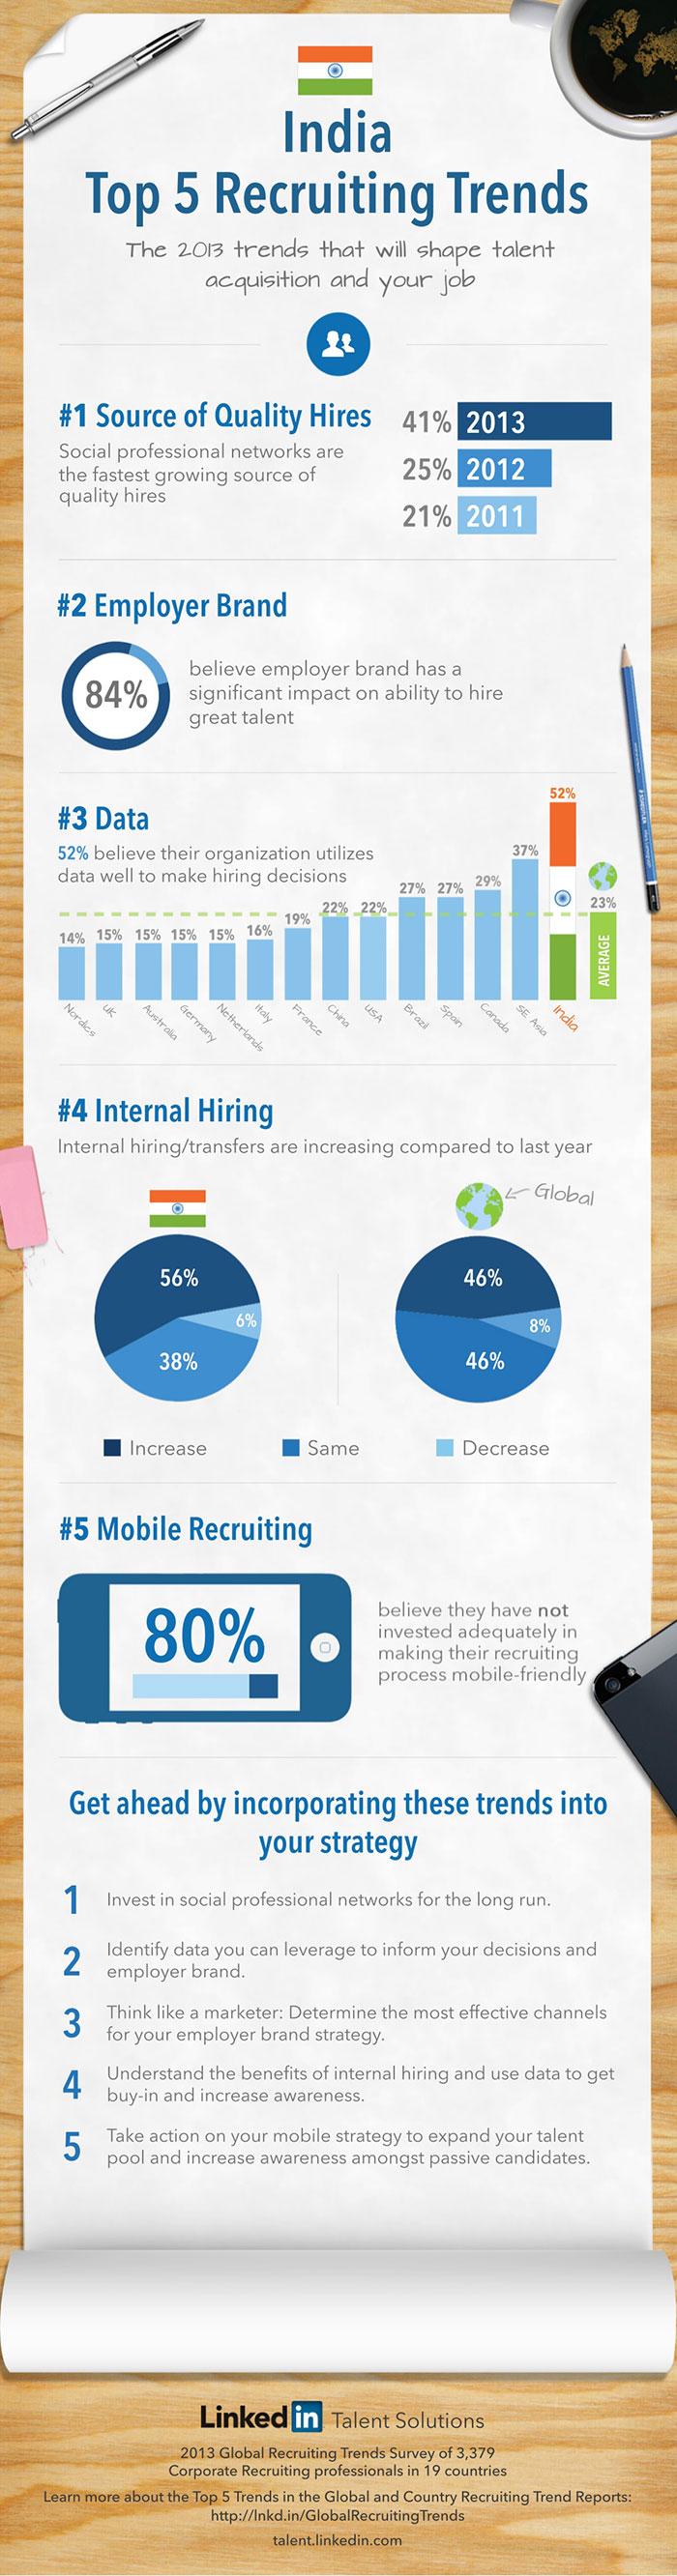 infographic-india